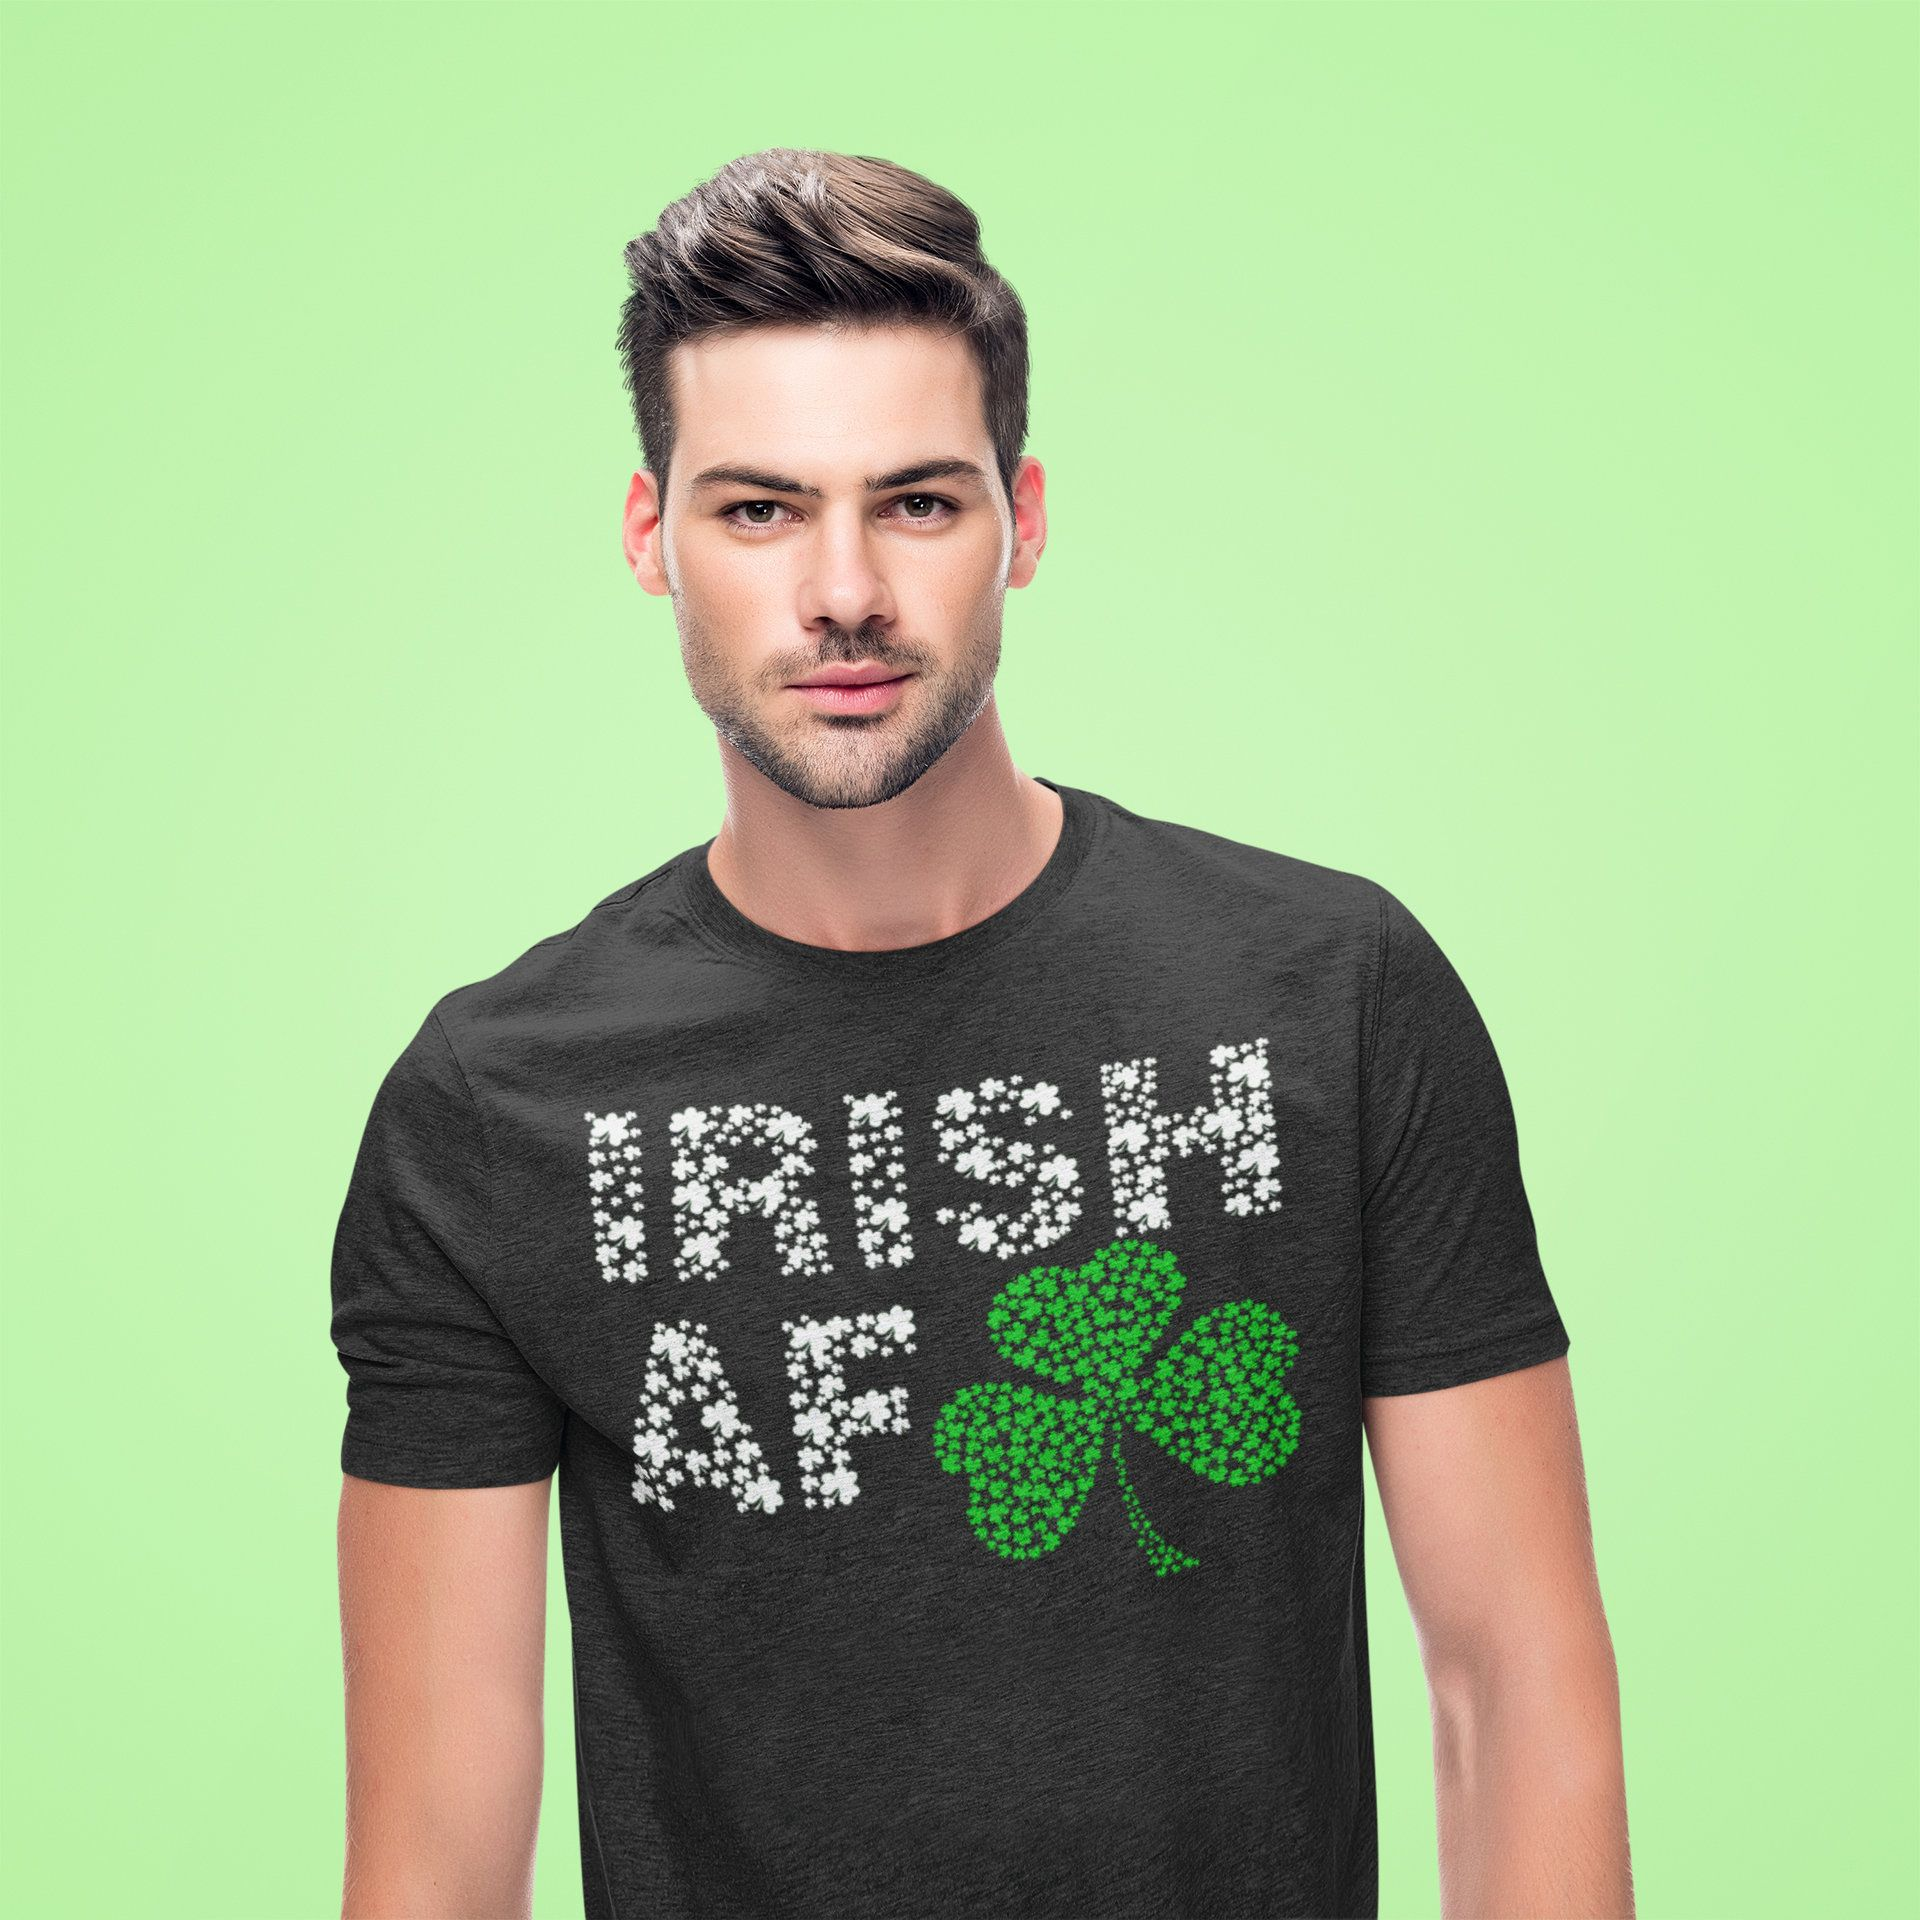 Kids Personalized Irish Shirt Family Name Custom Shirt St Patrick/'s Day T Shirt Ireland Shirt Boy/'s Girl/'s Irish Celtic Tee